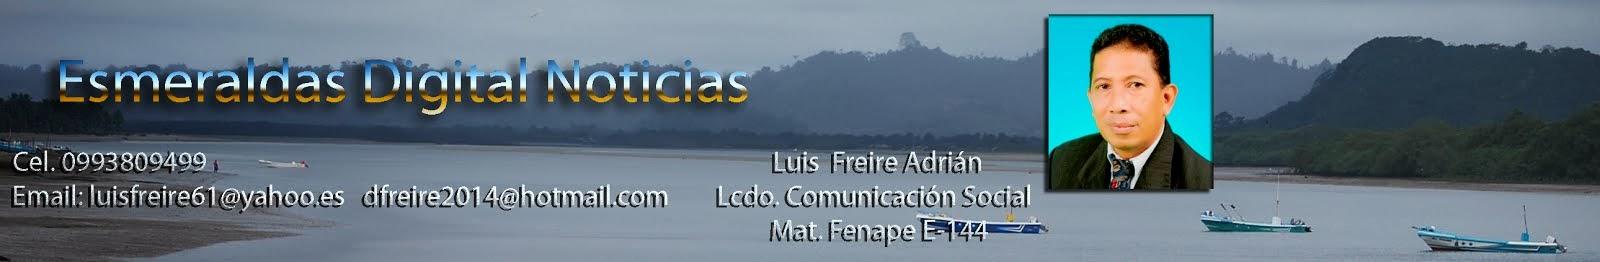 Esmeraldas Digital Noticias